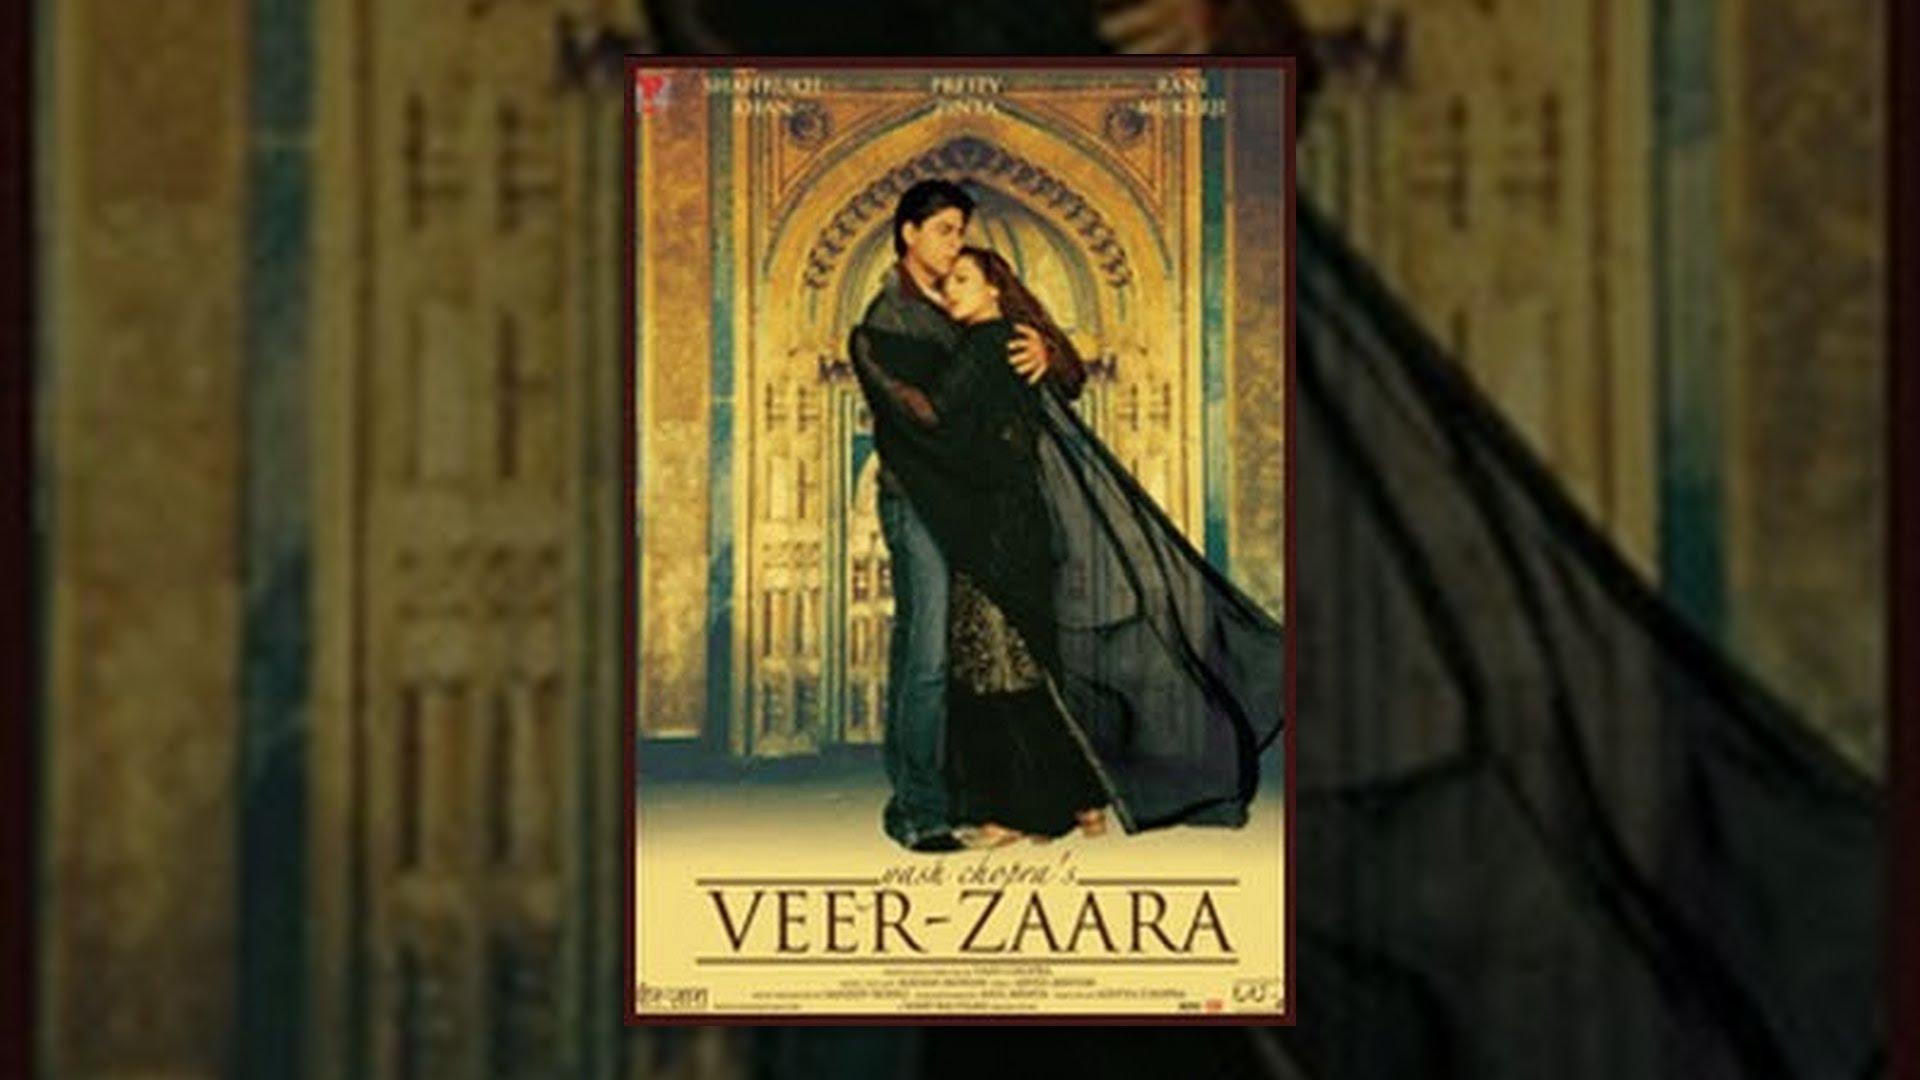 veer zaara full movie free download youtube